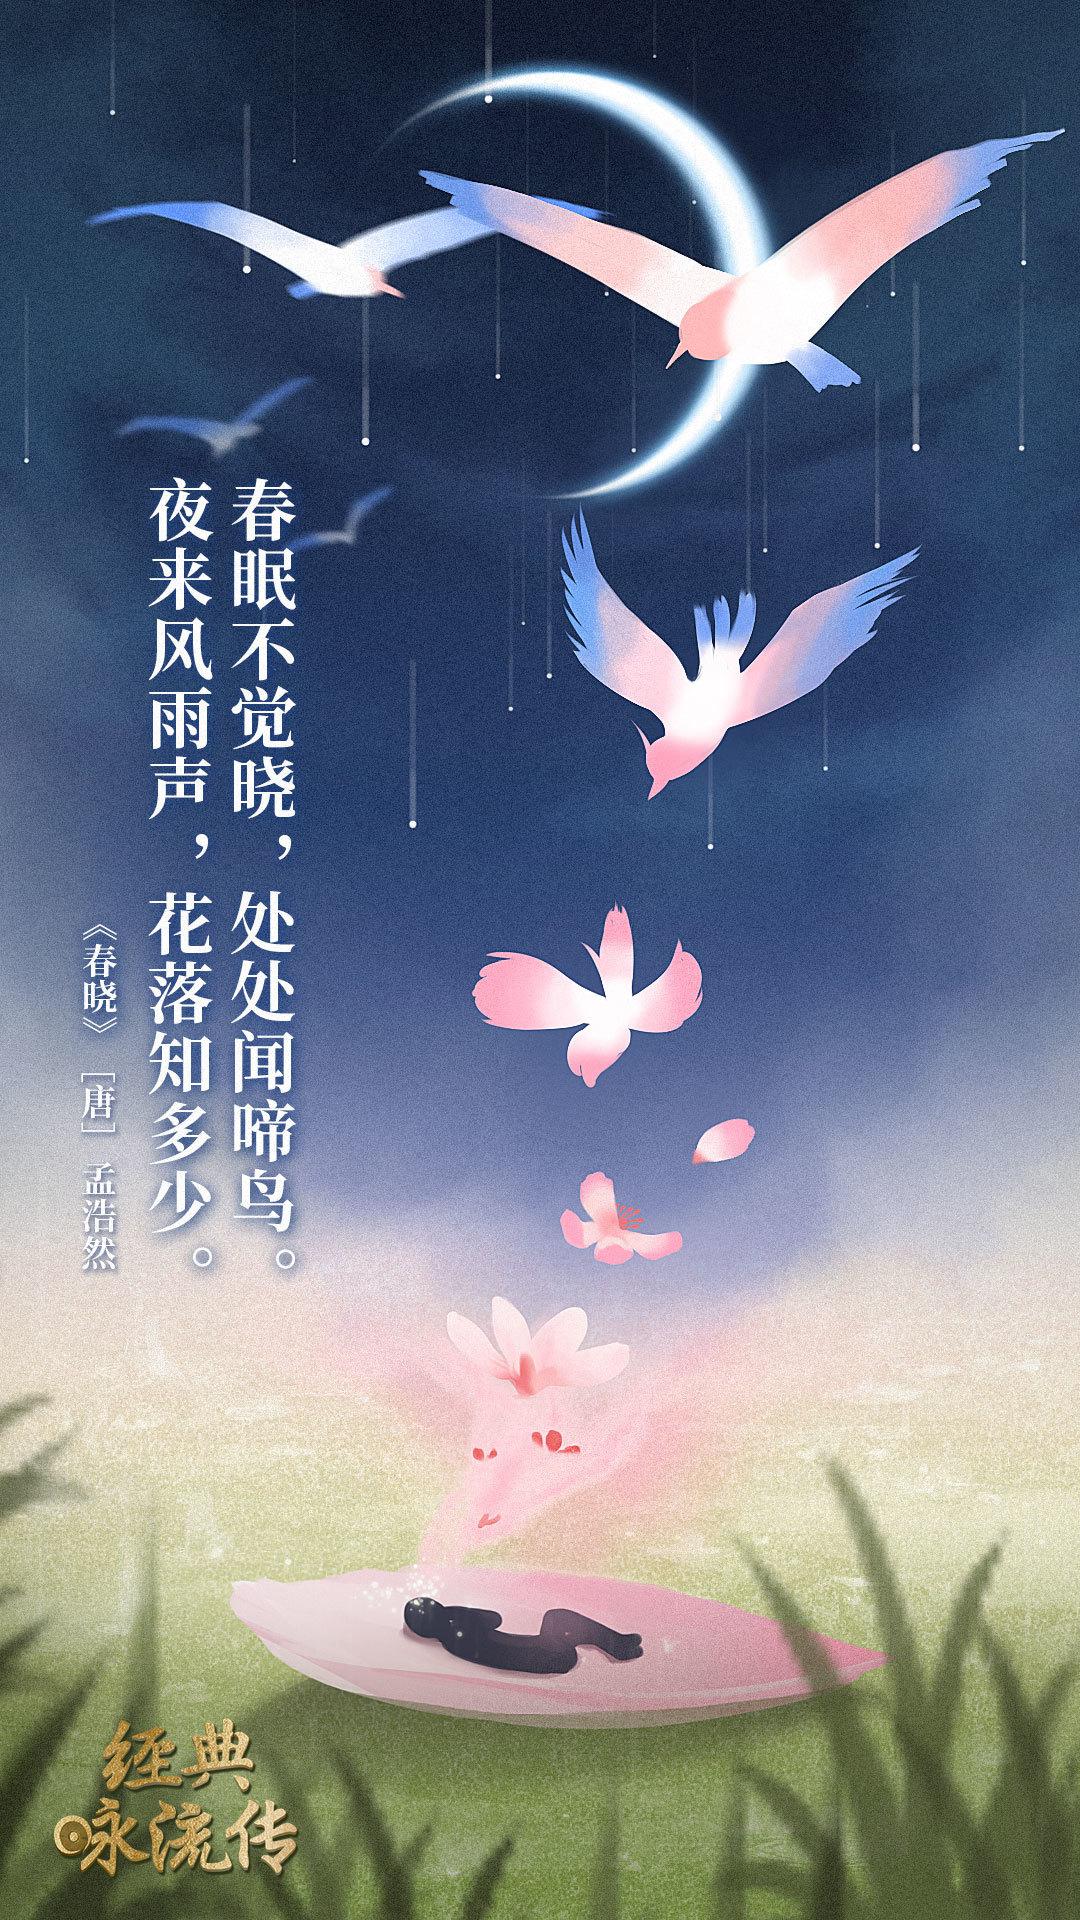 《经典咏流传》诗词意境海报合集 欣赏-第4张